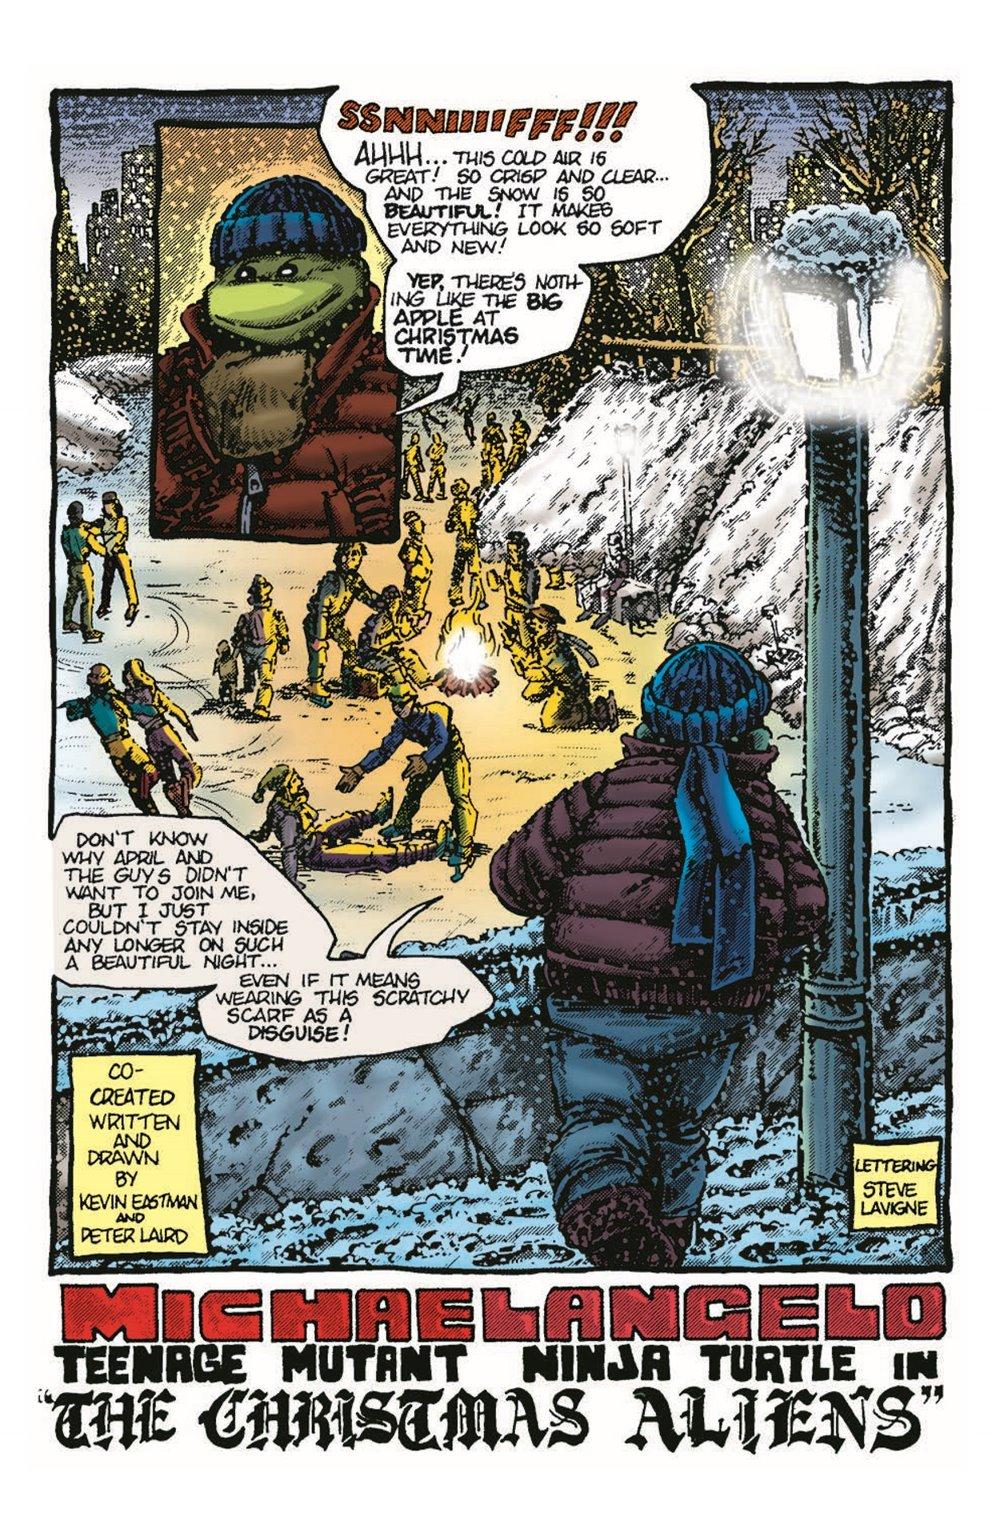 TMNT-Bestof-Mike_pr-3 ComicList Previews: TEENAGE MUTANT NINJA TURTLES BEST OF MICHELANGELO #1